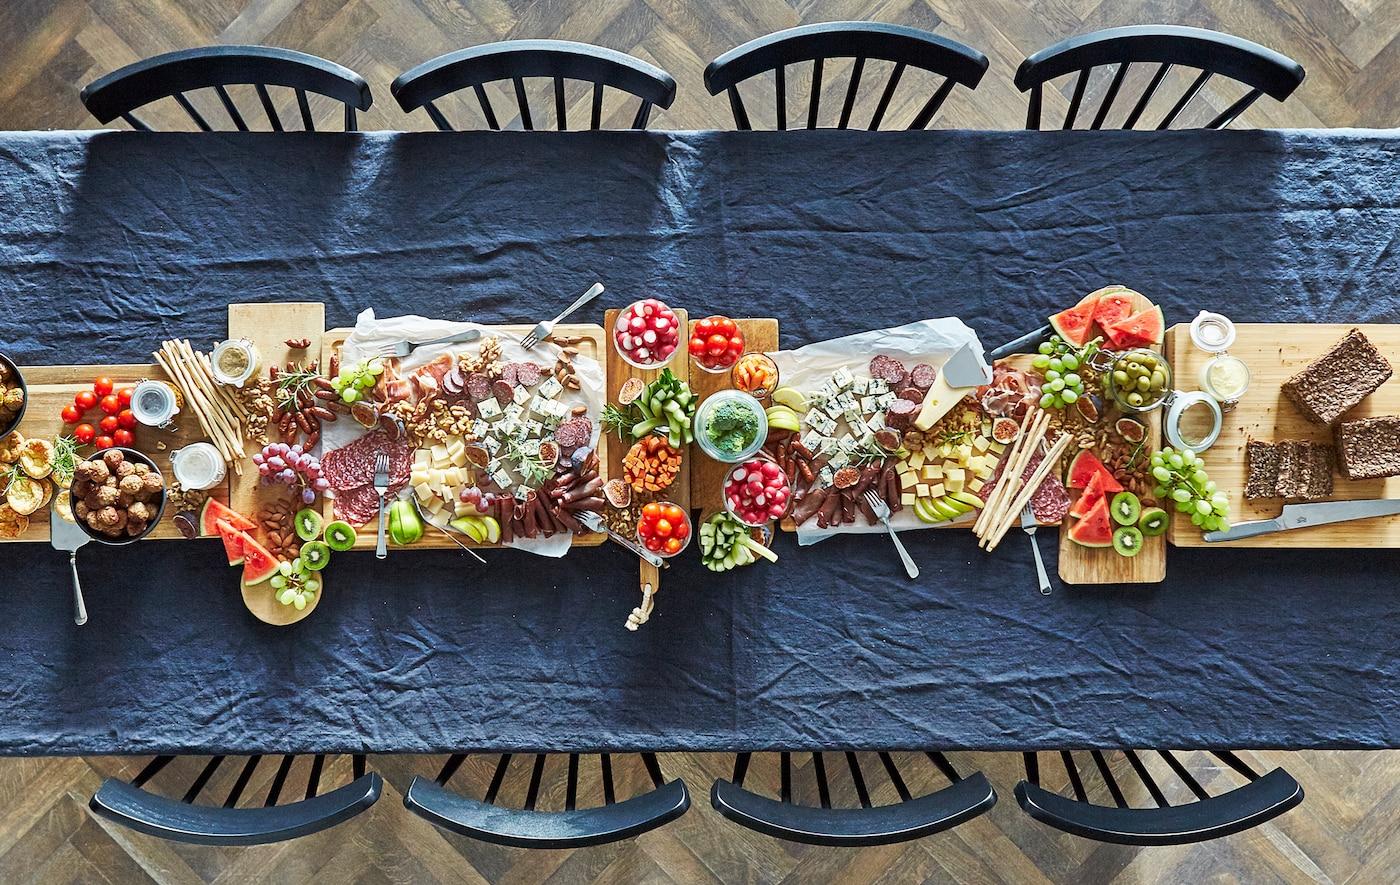 Ne passe plus ton temps derrière les fourneaux à préparer un dîner fastueux! Pense plutôt à notre assortiment de plats préparés. Résultat: moins de pression et plein de compliments.